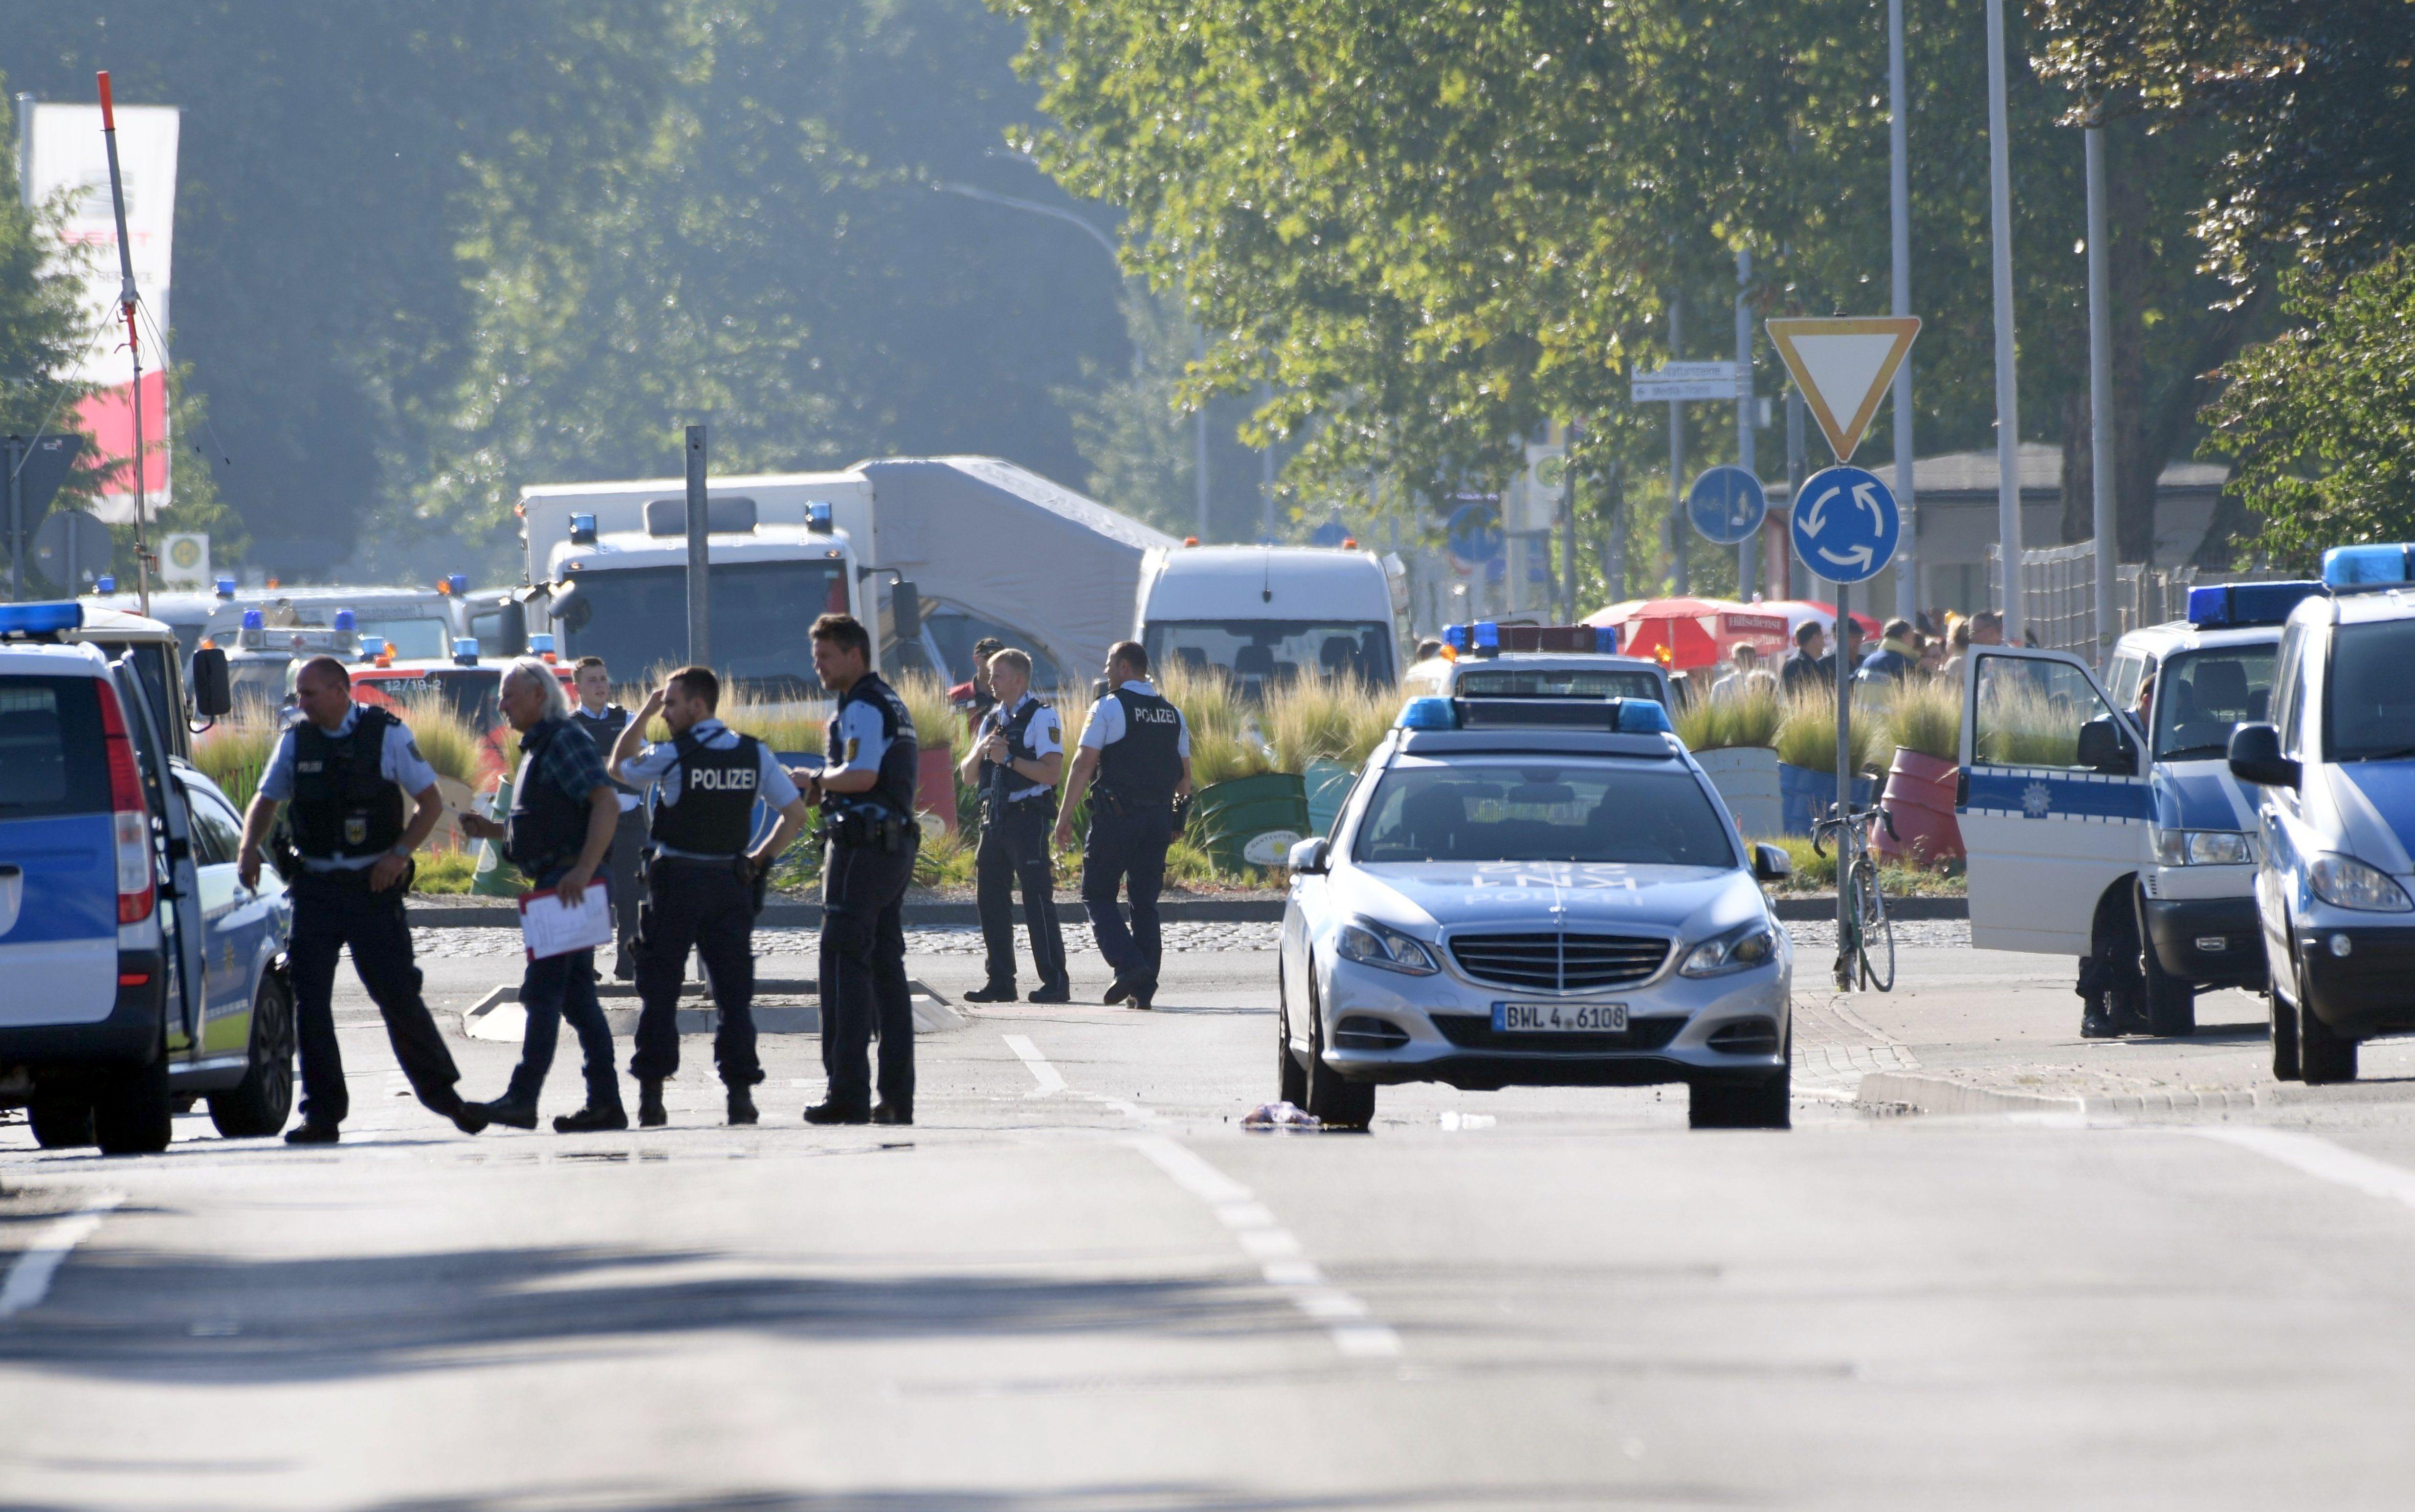 Dois mortos e vários feridos após tiroteio na Alemanha